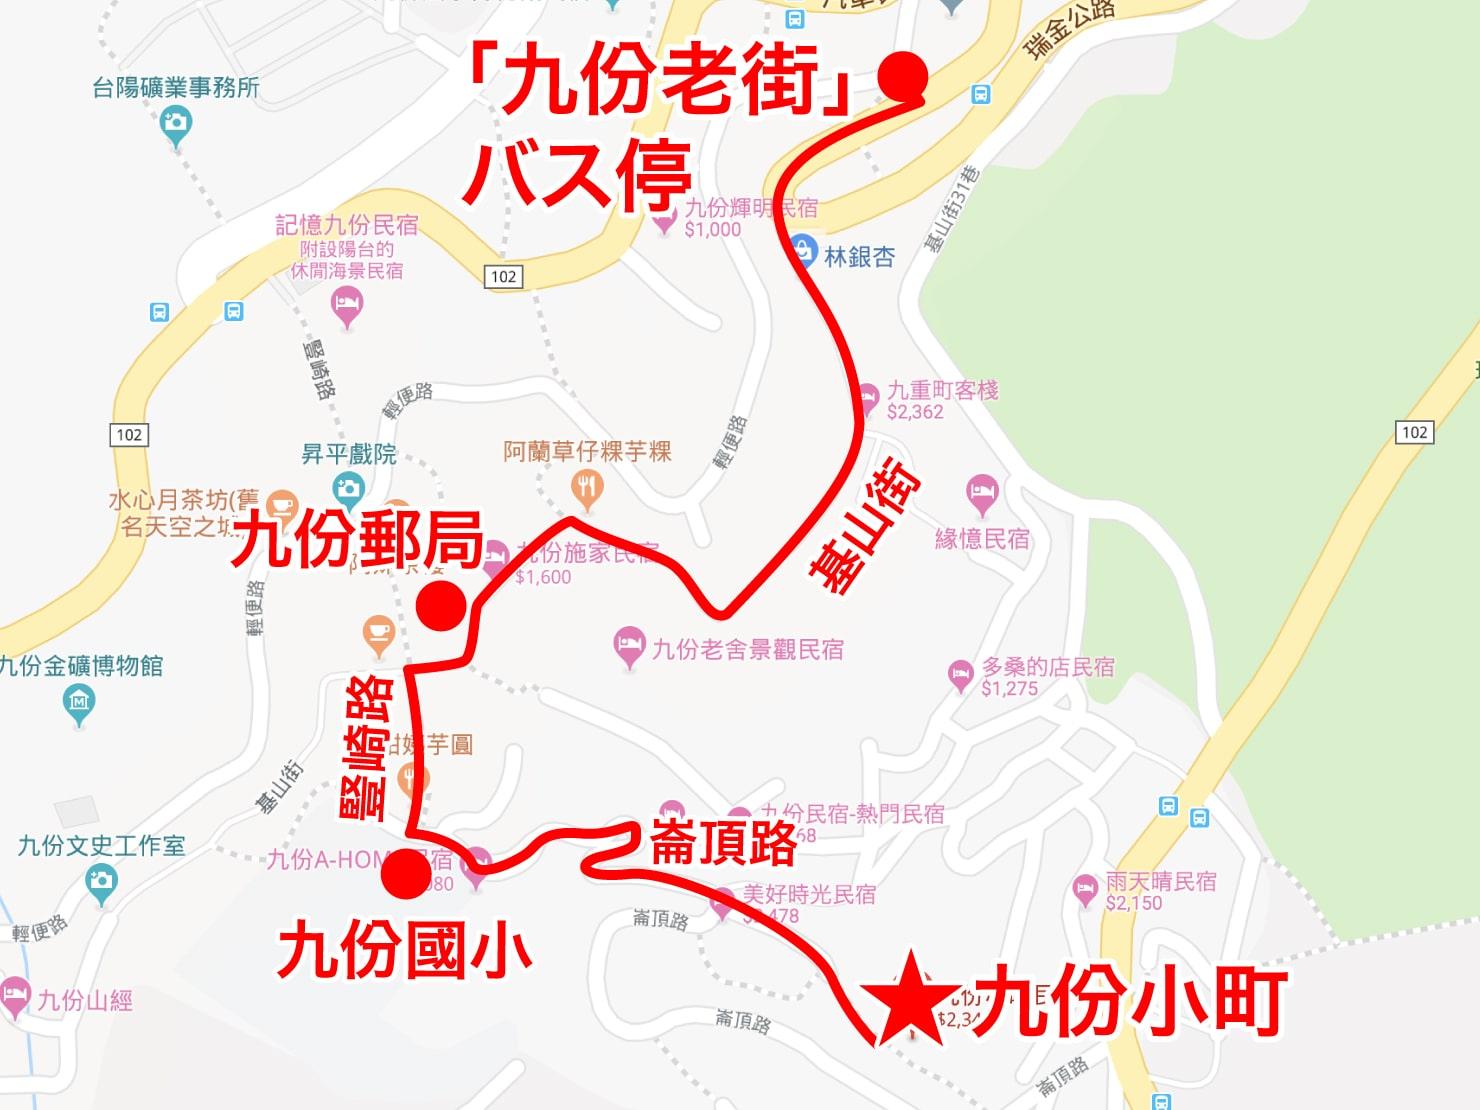 台北・九份のおすすめゲストハウス「九份小町」へのアクセス